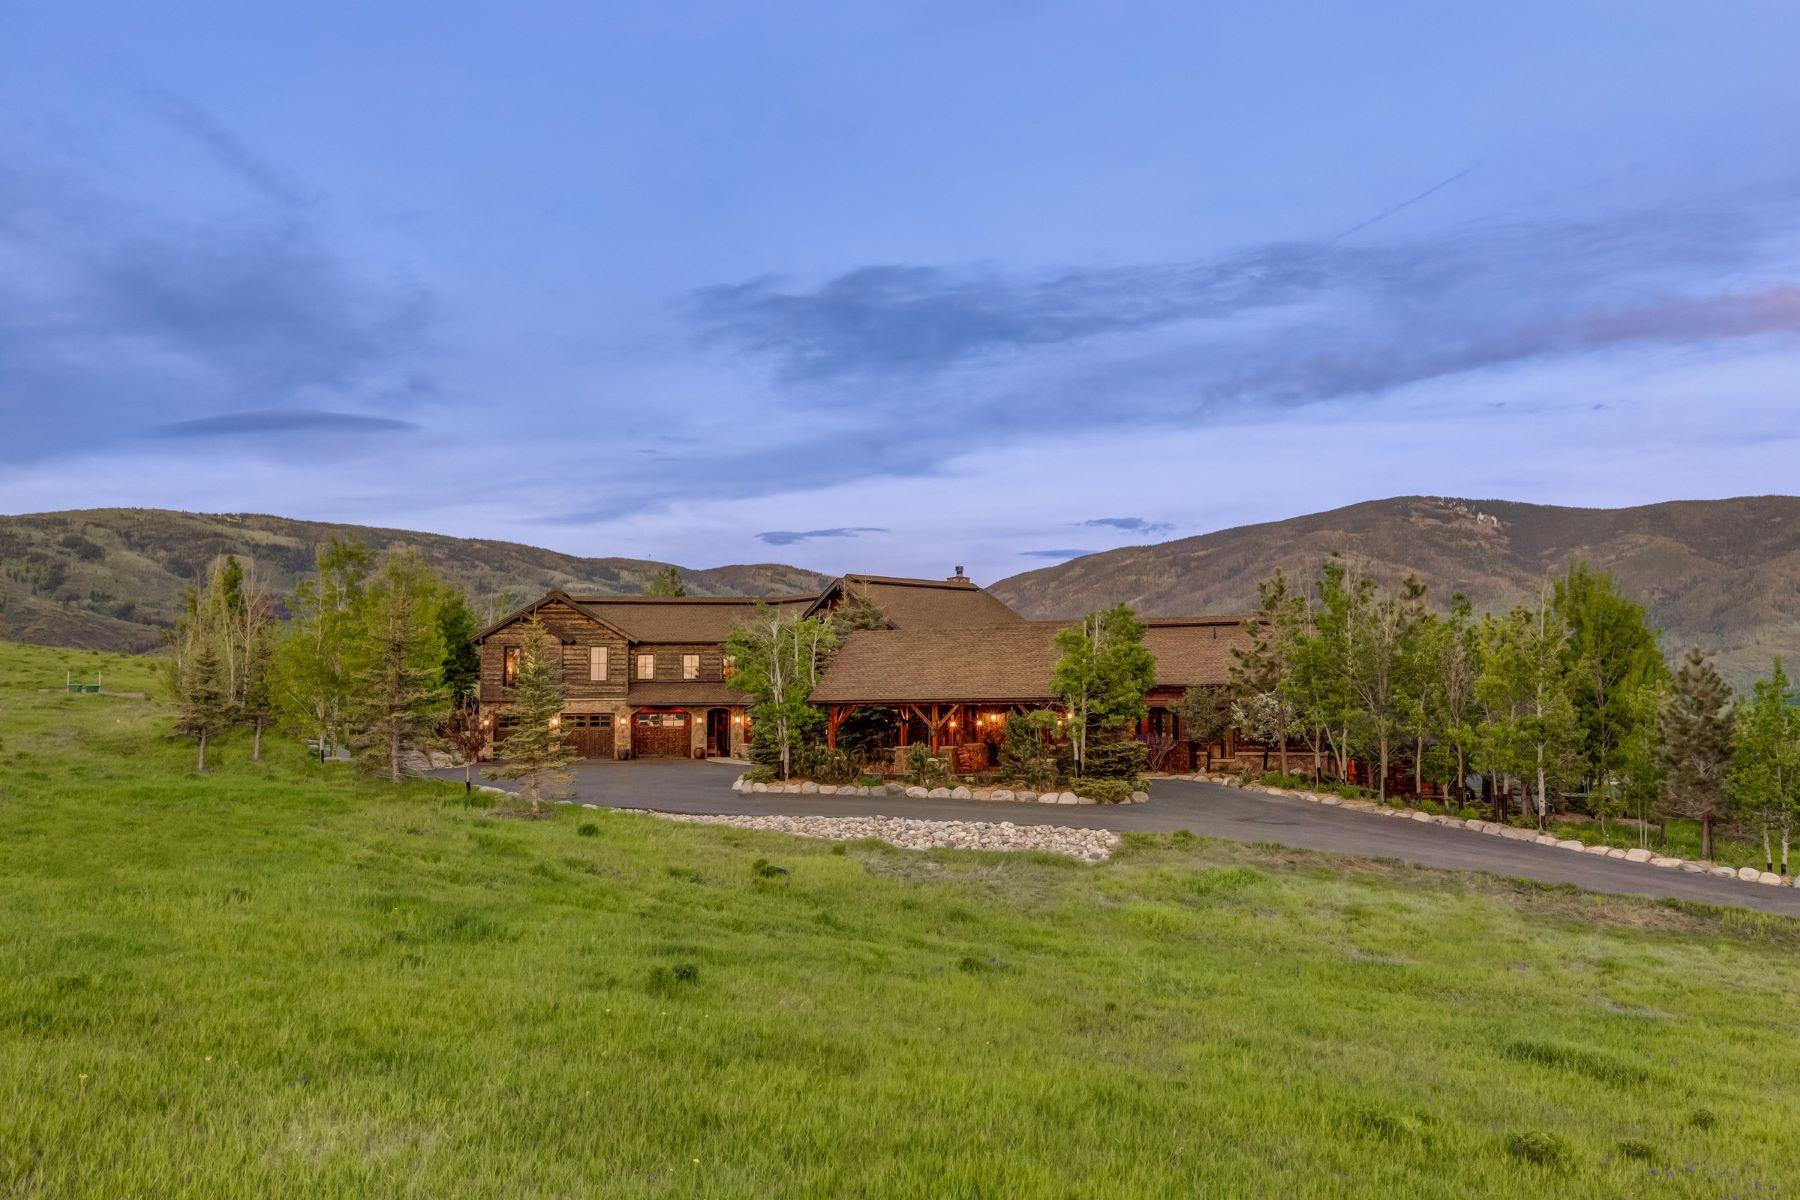 Maison unifamiliale pour l Vente à Lake Catamount Beautiful High-End Design Lake Catamount Home 32120 County Road 14C Steamboat Springs, Colorado, 80487 États-Unis